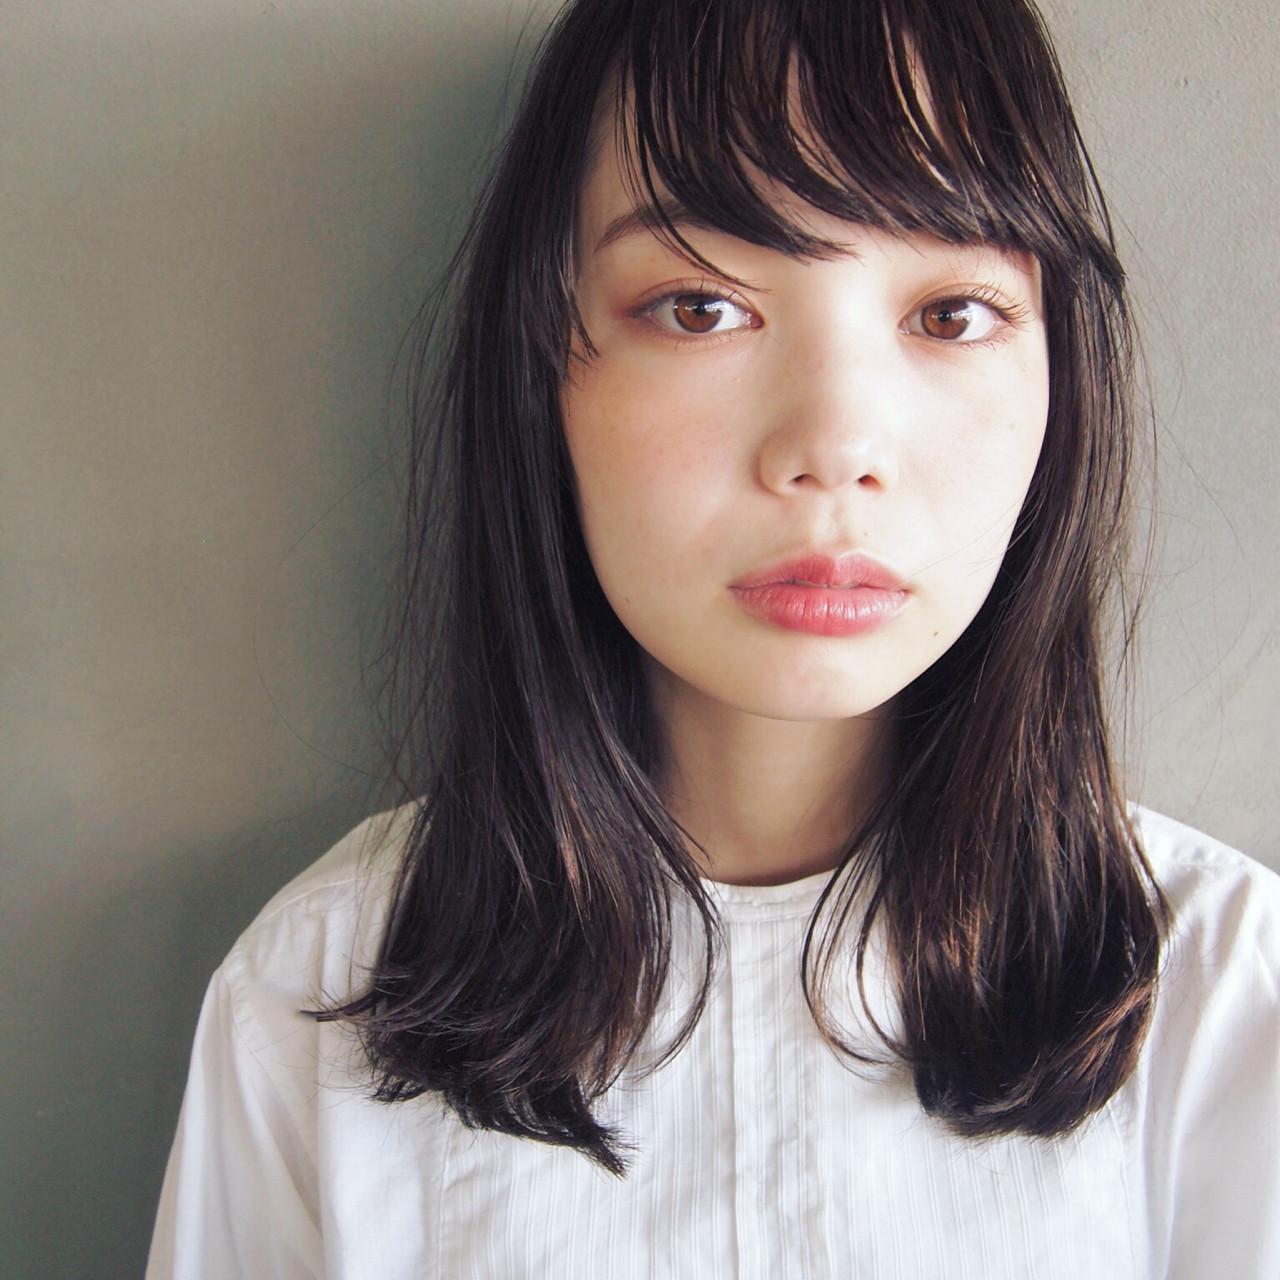 黒髪 ストレート ウェットヘア セミロング ヘアスタイルや髪型の写真・画像